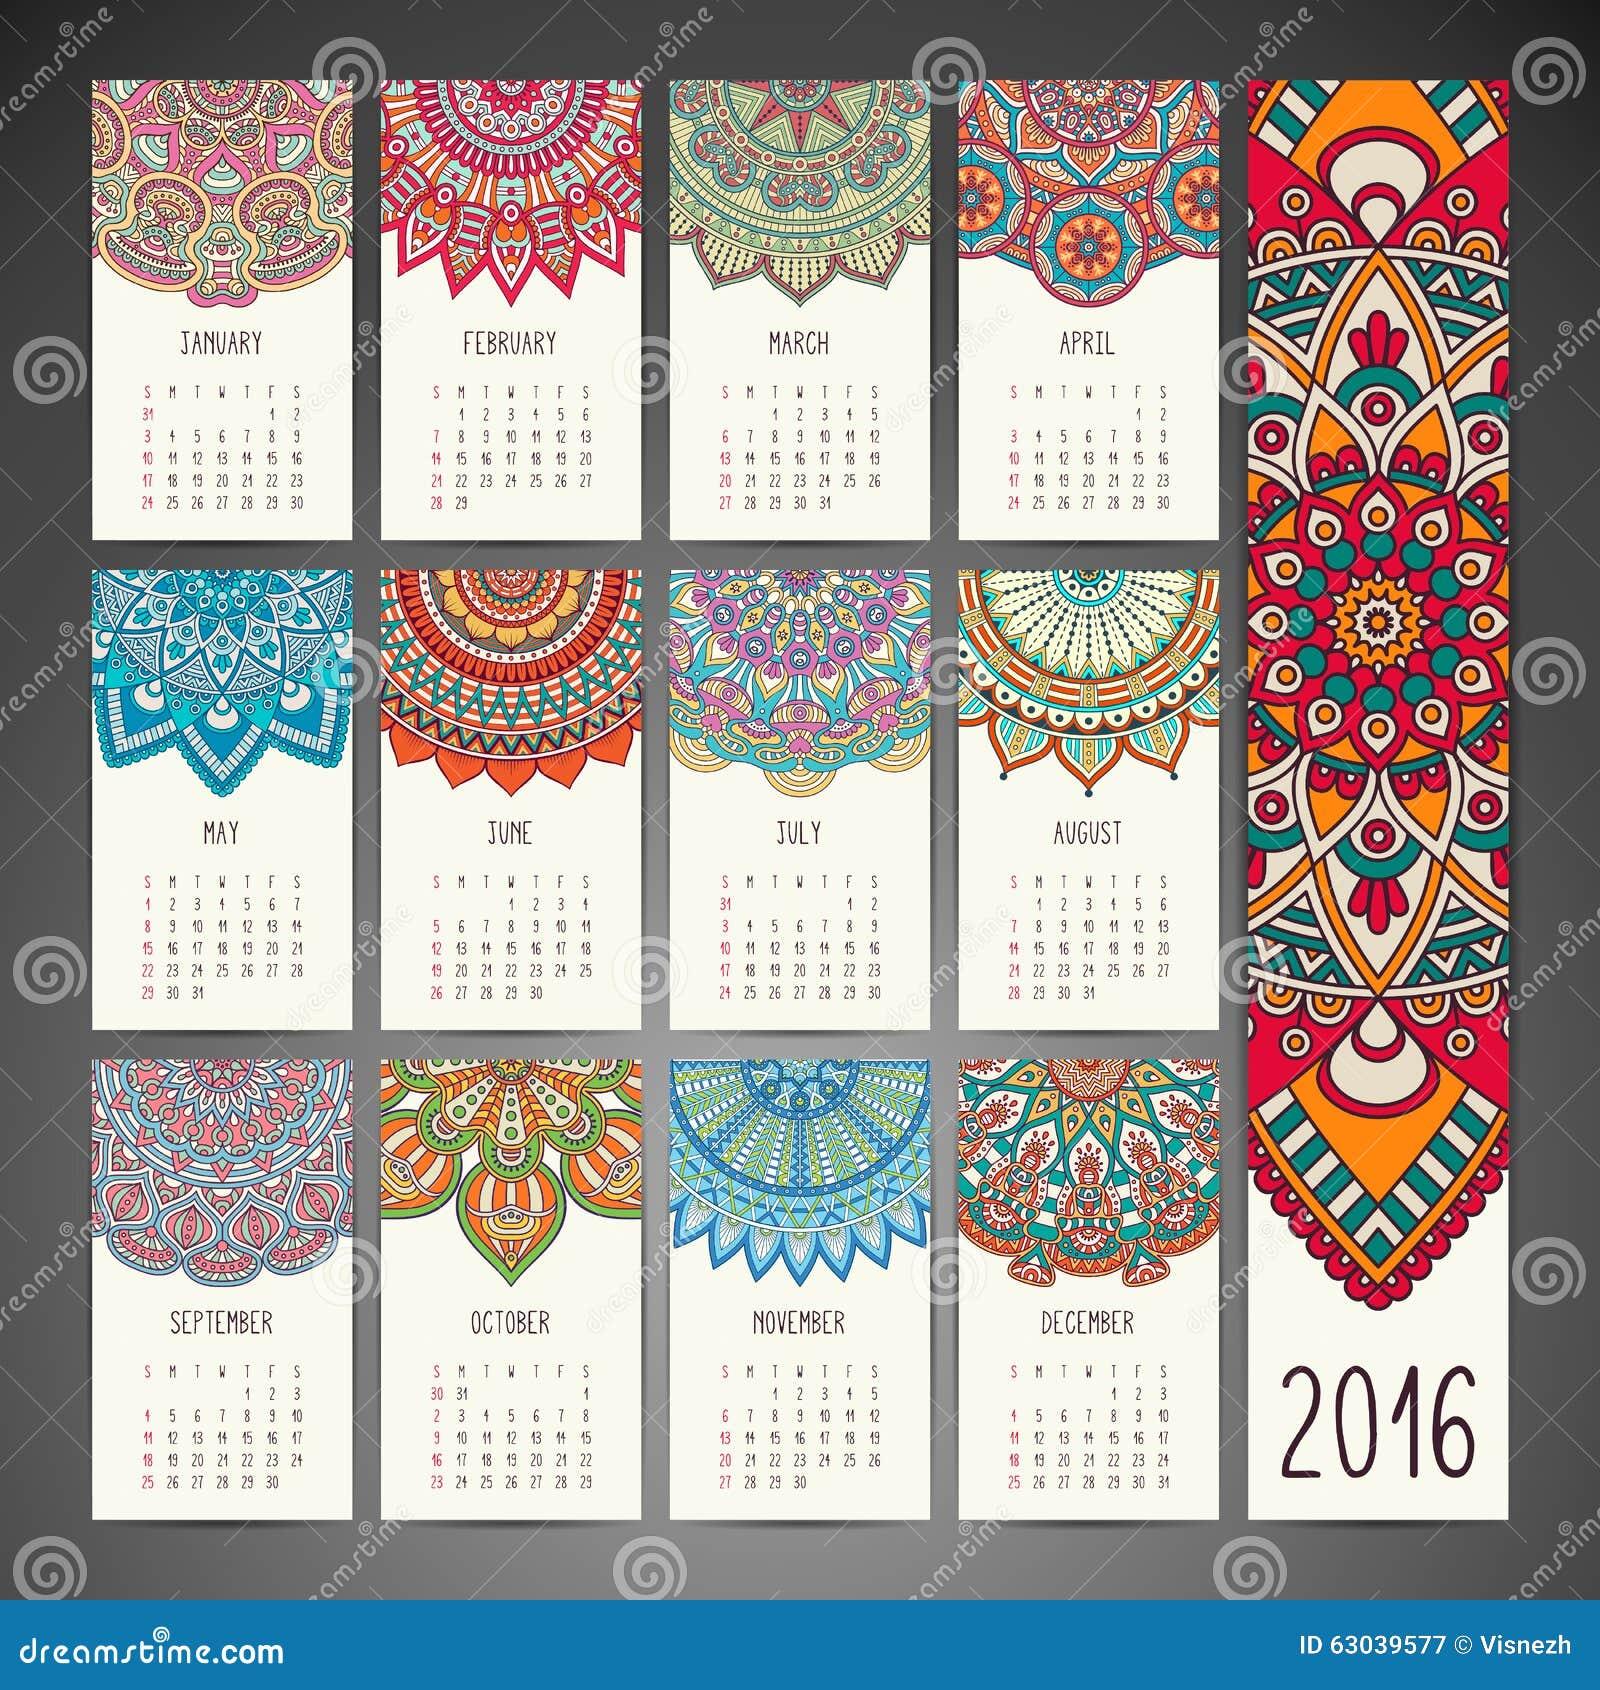 Calendrio 2016 Calendrio 2016 - newhairstylesformen2014.com